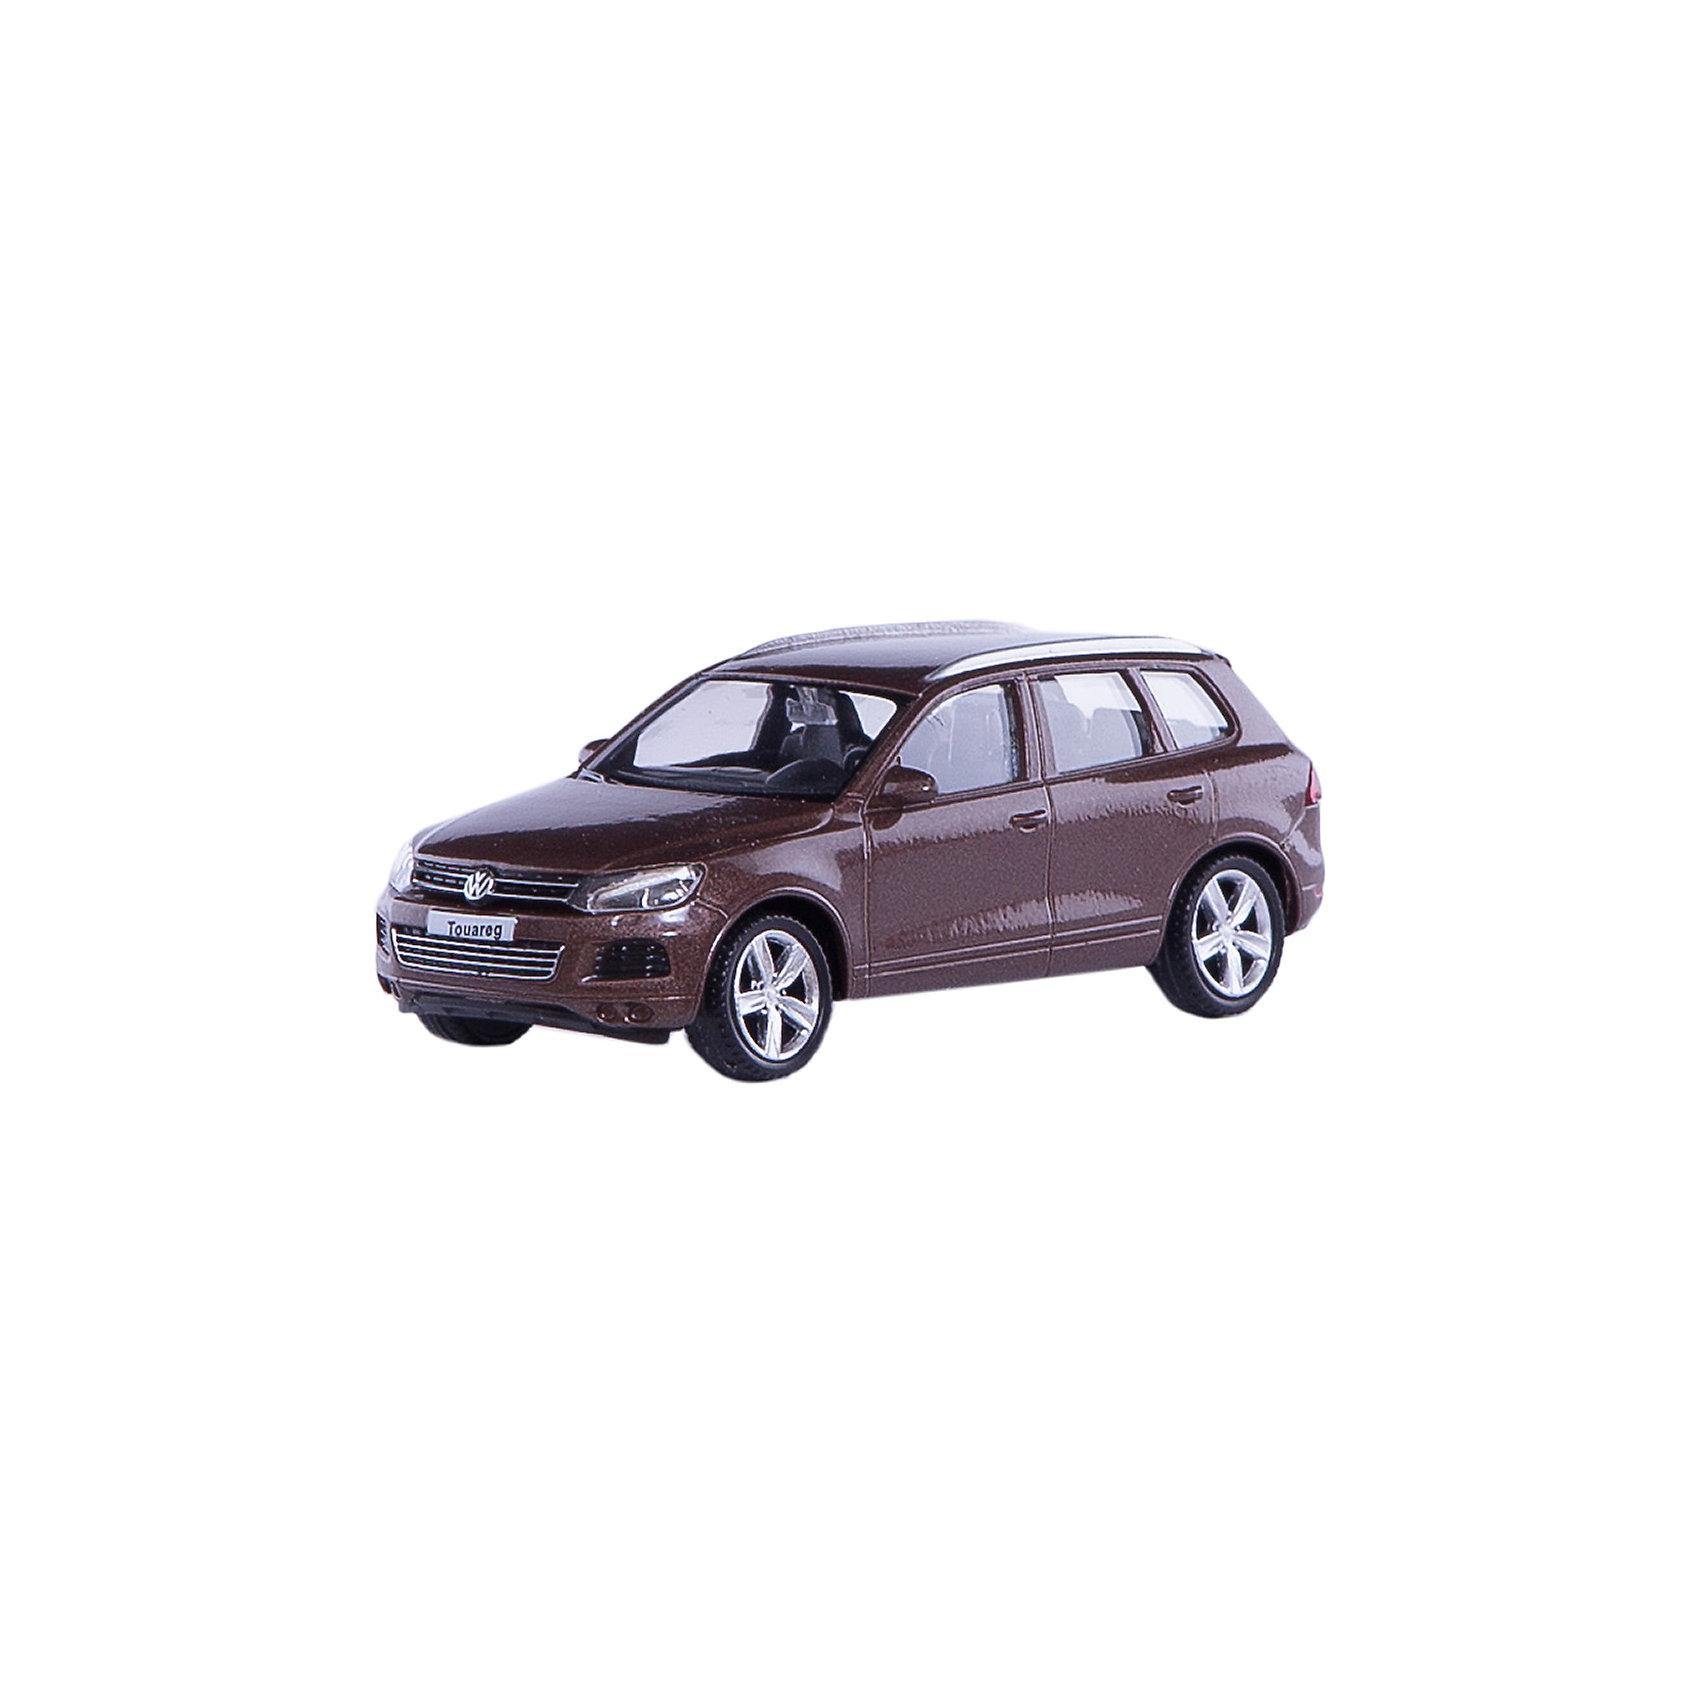 Машинка Volkswagen Touareg 4, AutotimeМашинки<br>Характеристики товара:<br><br>• цвет: коричневый<br>• возраст: от 3 лет<br>• материал: металл, пластик<br>• масштаб: 1:43<br>• колеса вращаются<br>• размер упаковки: 16х6х7 см<br>• вес с упаковкой: 100 г<br>• страна бренда: Россия, Китай<br>• страна изготовитель: Китай<br><br>Такая машинка представляет собой миниатюрную копию реально существующей модели. Она отличается высокой детализацией, является коллекционной моделью. <br><br>Сделана машинка из прочного и безопасного материала. Корпус - из металла. Благодаря прозрачным стеклам виден подробно проработанный салон.<br><br>Машинку «Volkswagen Touareg 4» 1:43, Autotime (Автотайм) можно купить в нашем интернет-магазине.<br><br>Ширина мм: 165<br>Глубина мм: 57<br>Высота мм: 75<br>Вес г: 13<br>Возраст от месяцев: 36<br>Возраст до месяцев: 2147483647<br>Пол: Мужской<br>Возраст: Детский<br>SKU: 5584096